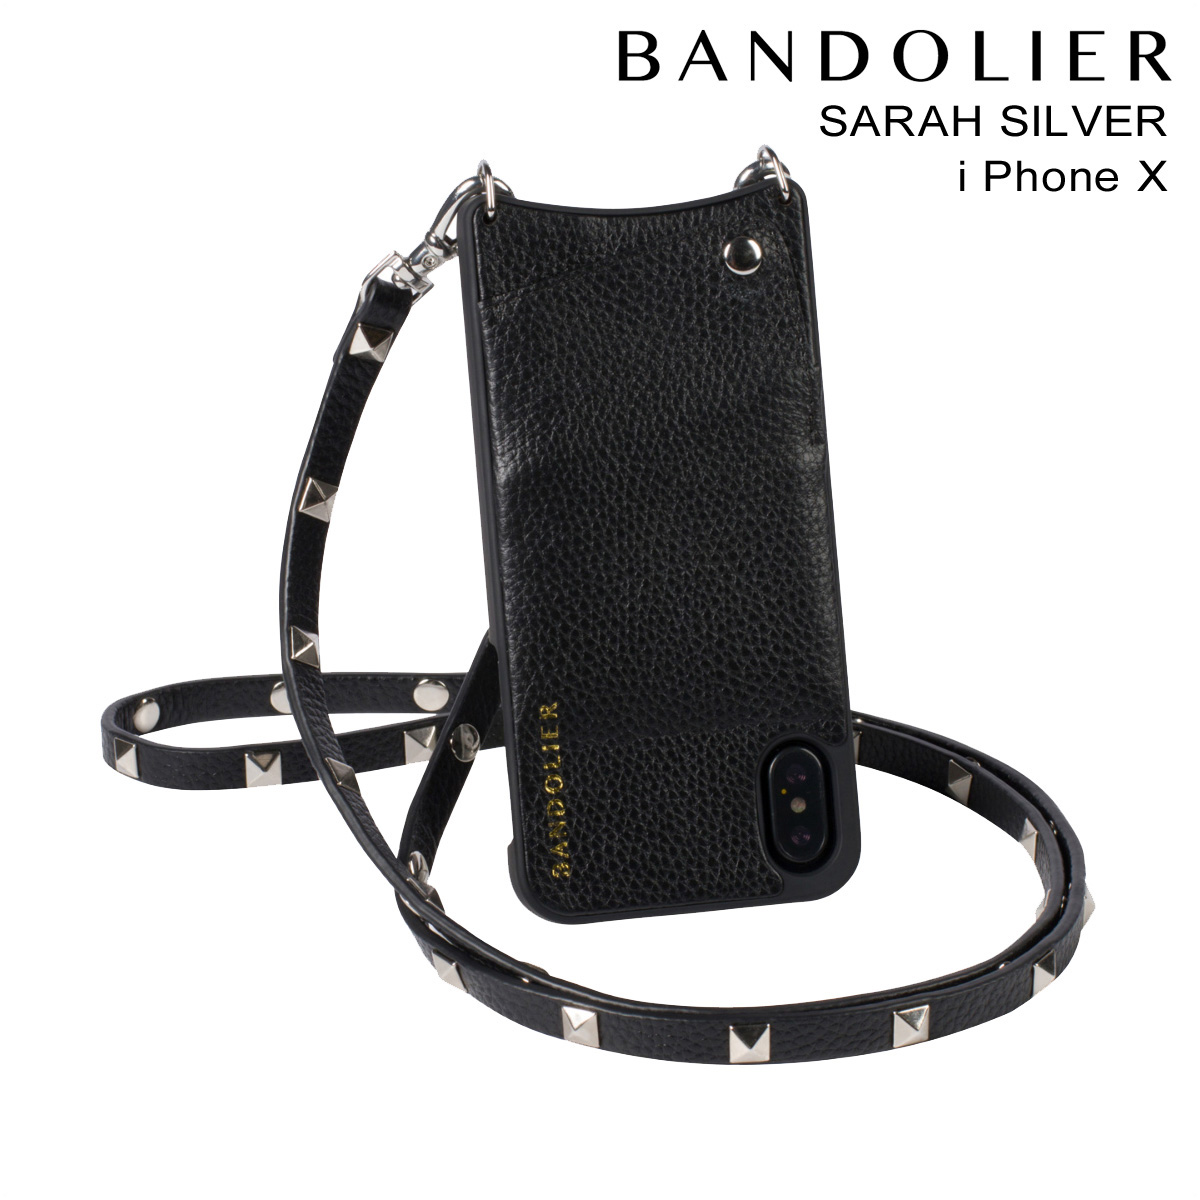 BANDOLIER SARAH SILVER バンドリヤー iPhoneX ケース スマホ アイフォン レザー メンズ レディース [191]